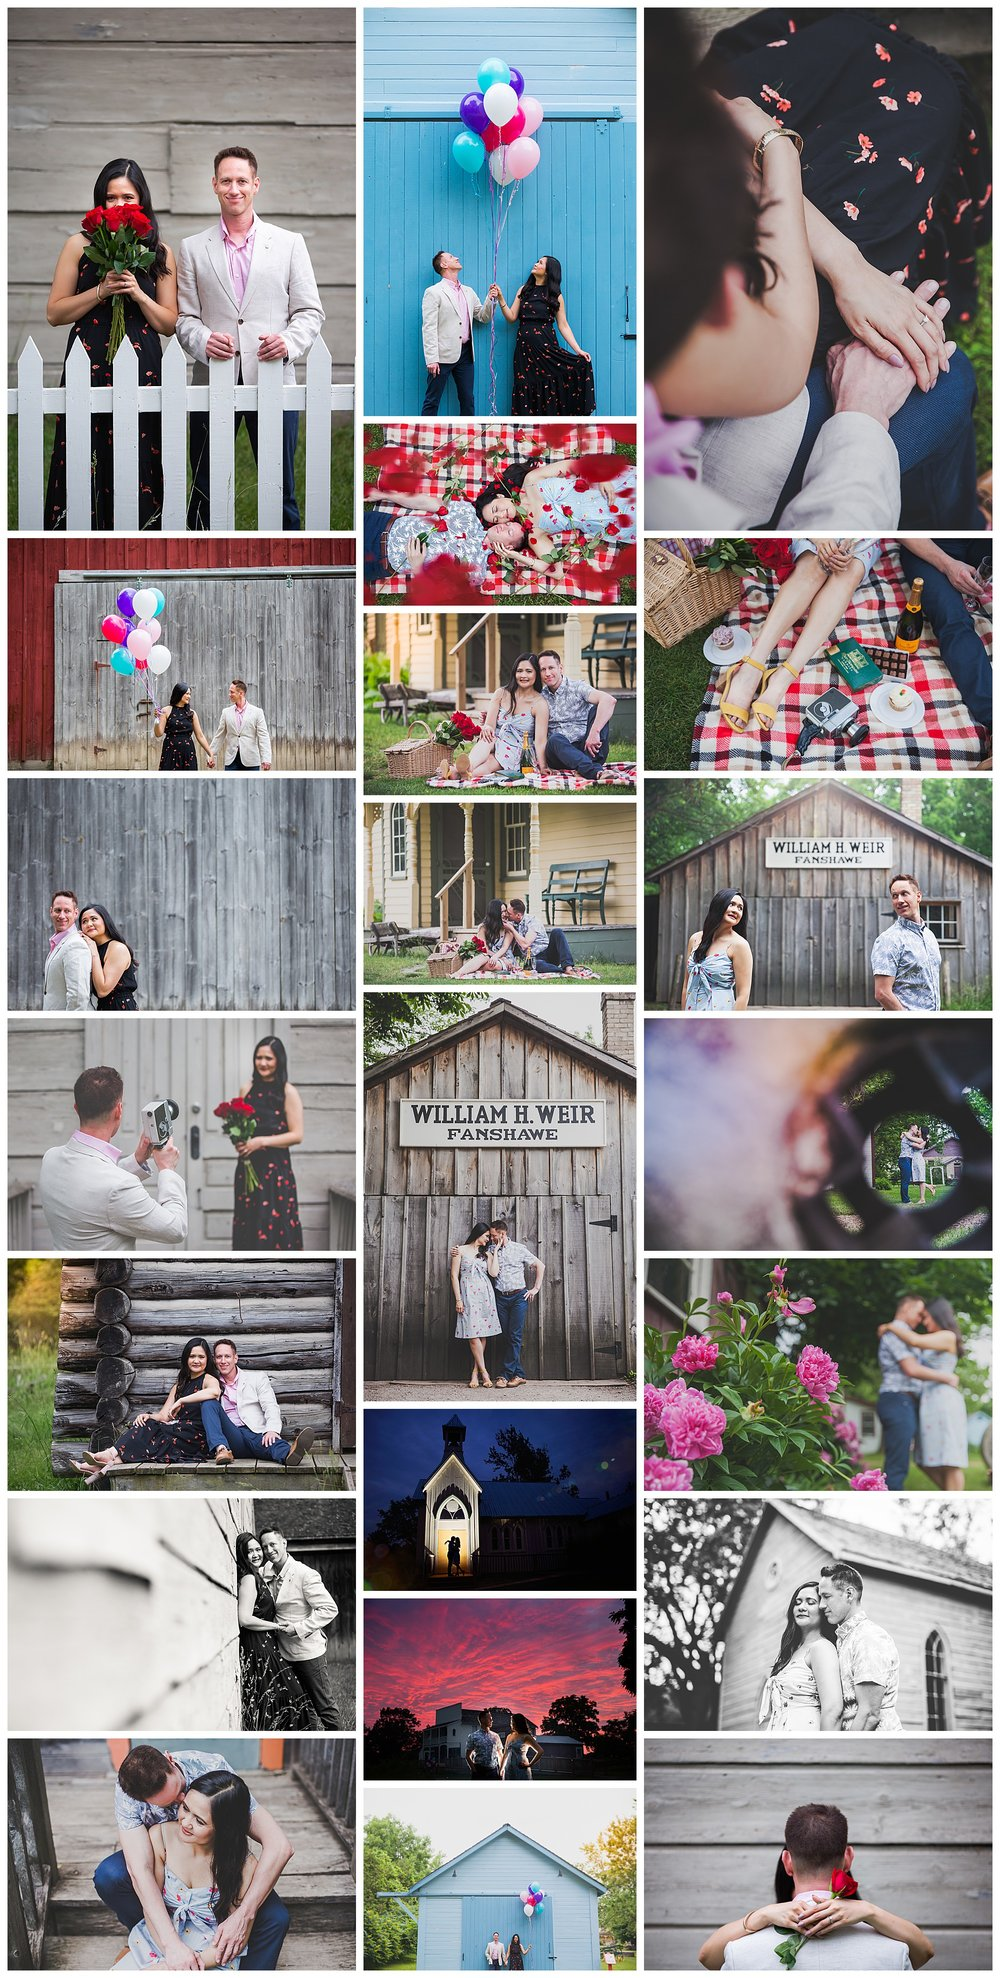 Fanshawe Pioneer Village, London, Ontario engagement photos by VanDaele & Russell